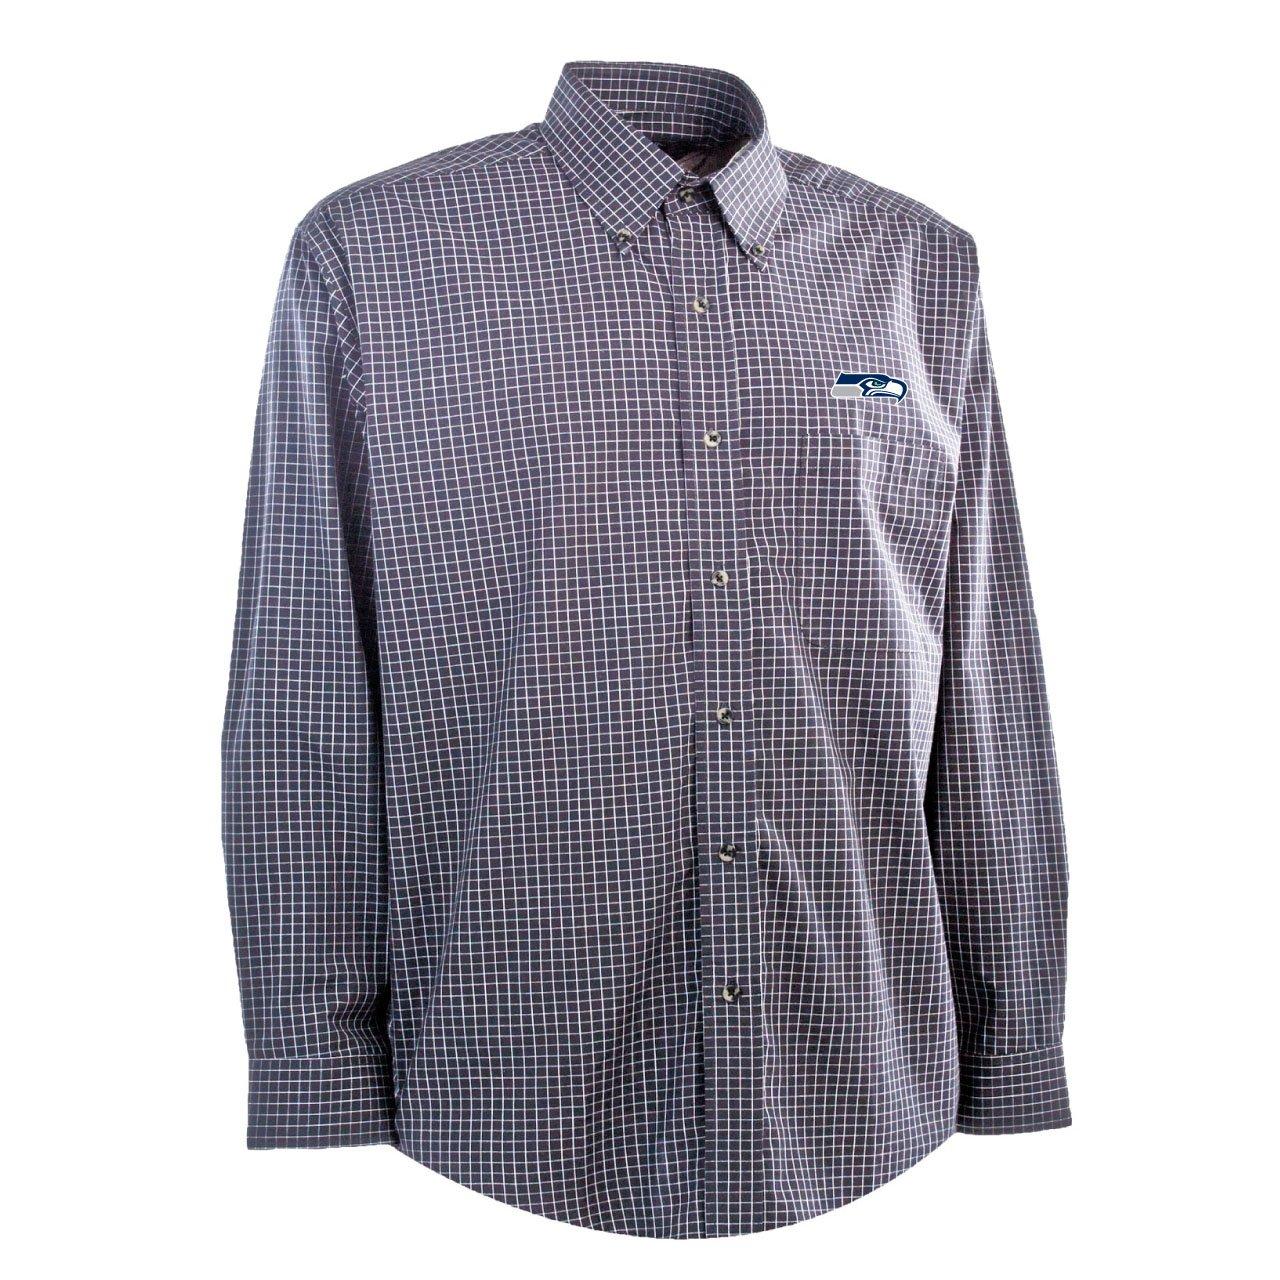 Antigua NFL Camiseta de Seattle Seahawks Esteem Tejido Vestido Camiseta, Hombre, Navy/Grey/White: Amazon.es: Deportes y aire libre